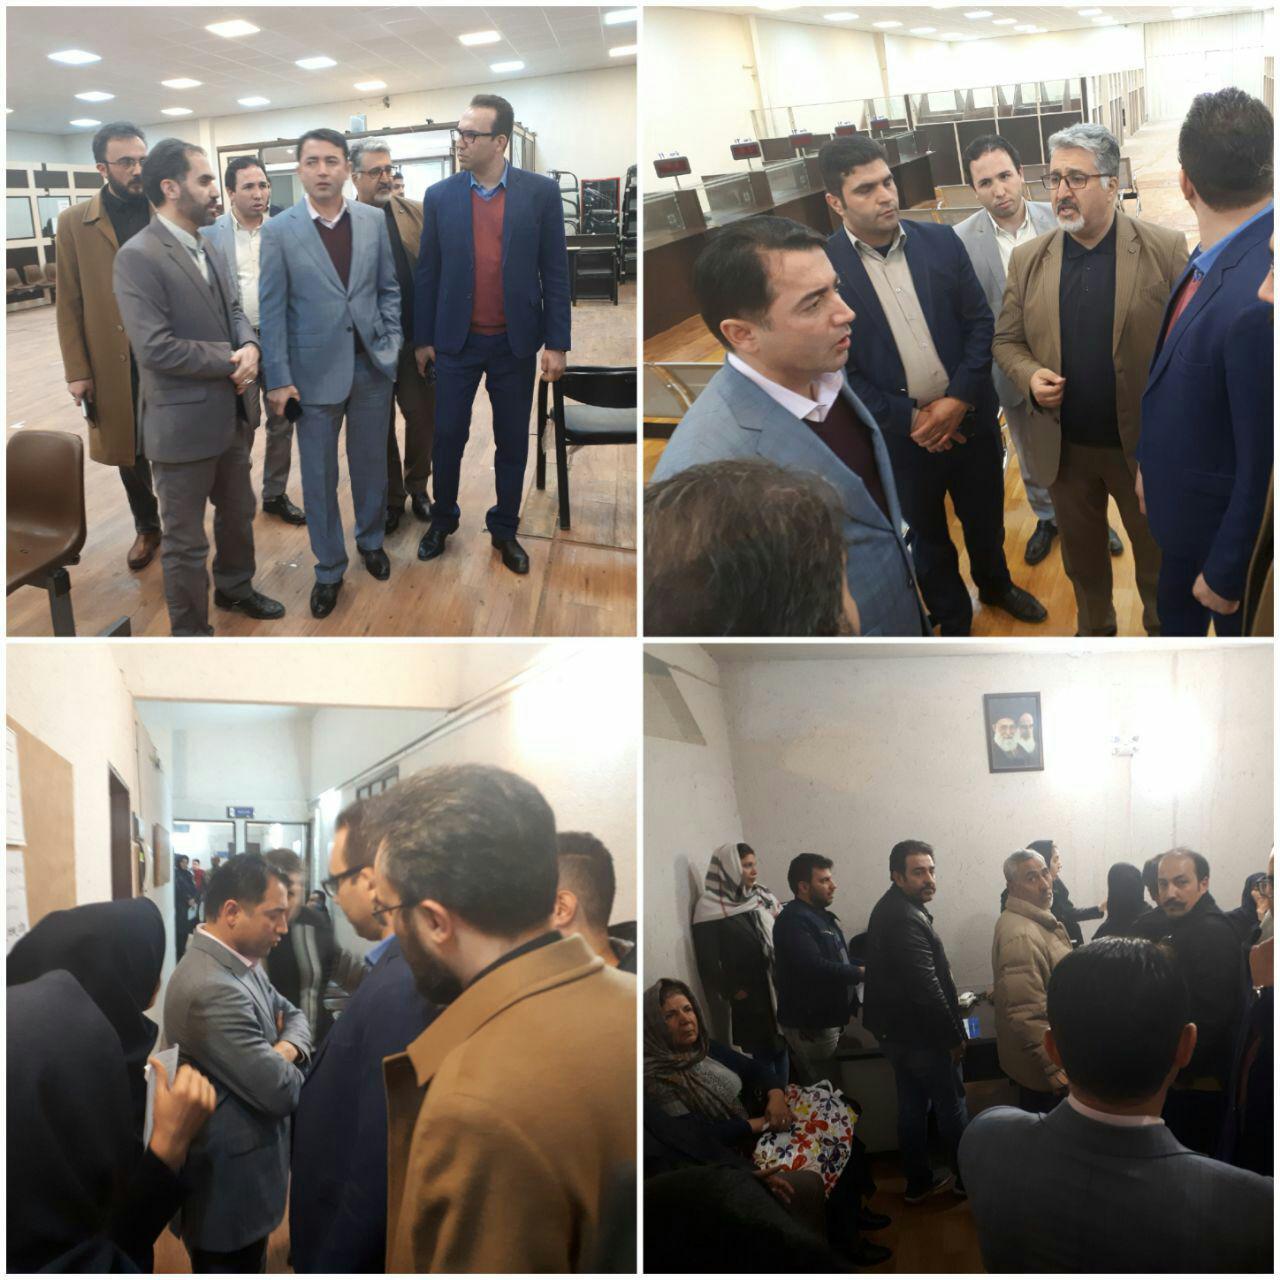 بازدید سرزده مدیرعامل شرکت عمران شهر جدید پردیس از محل کارگزاری مسکن مهر